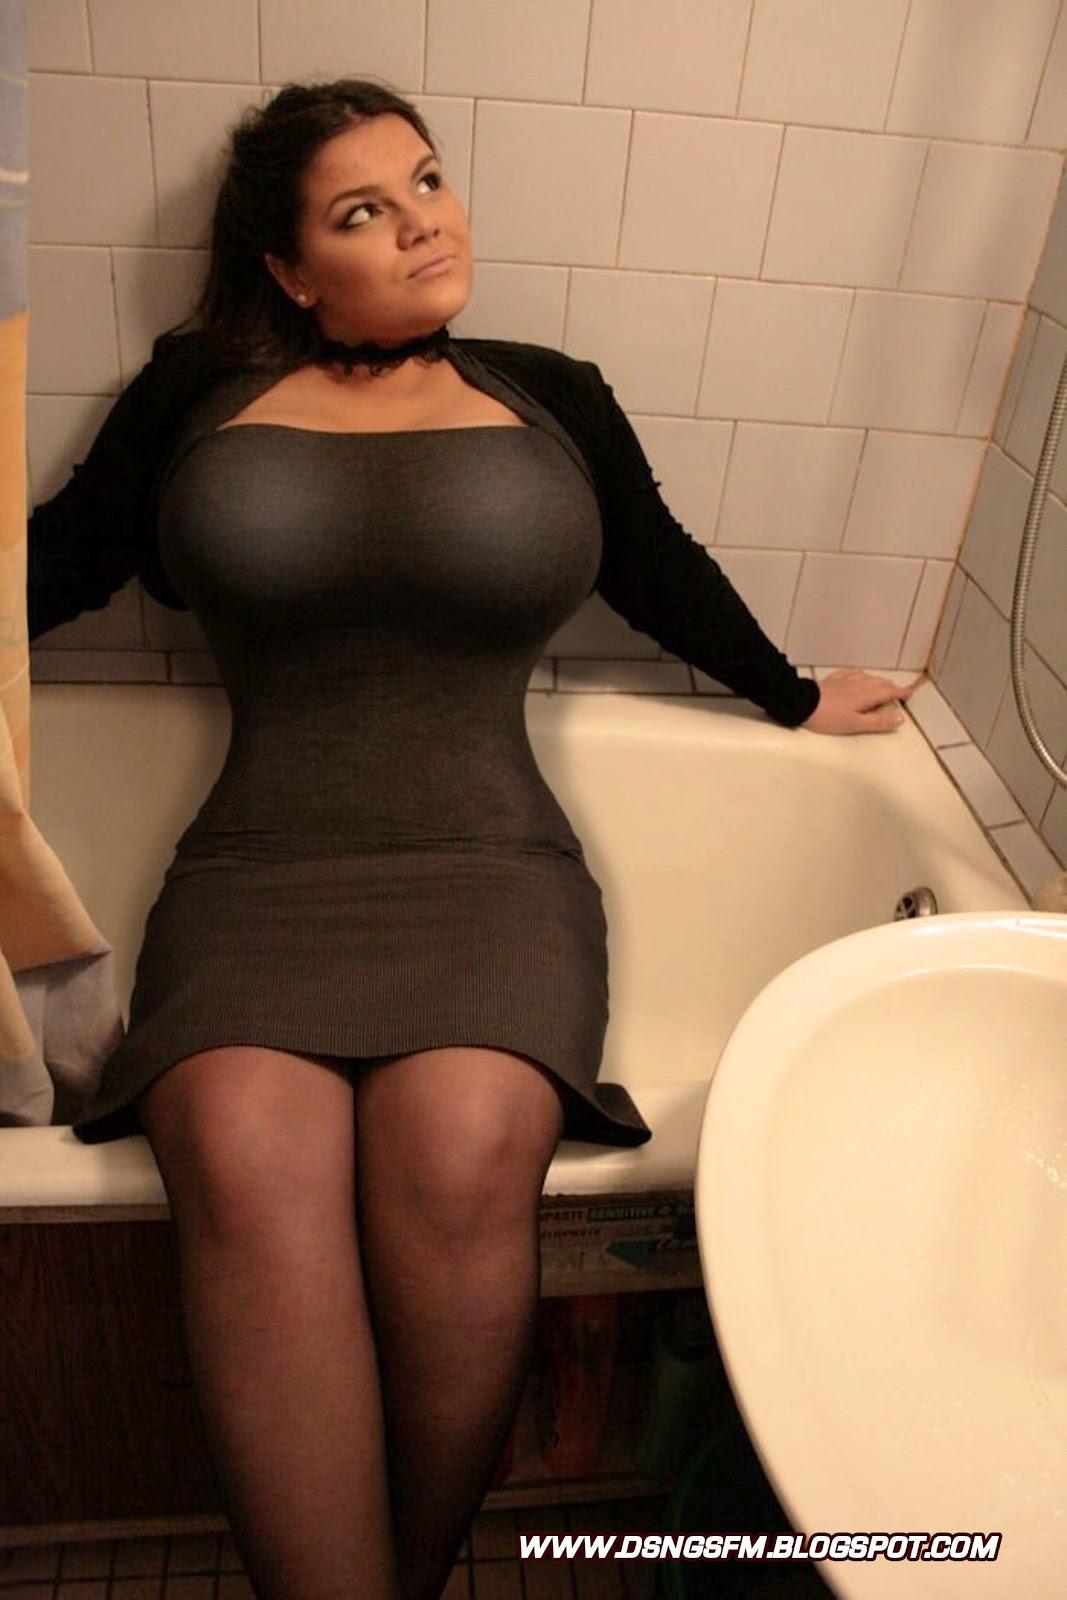 Русская с большой грудью фото 1 фотография